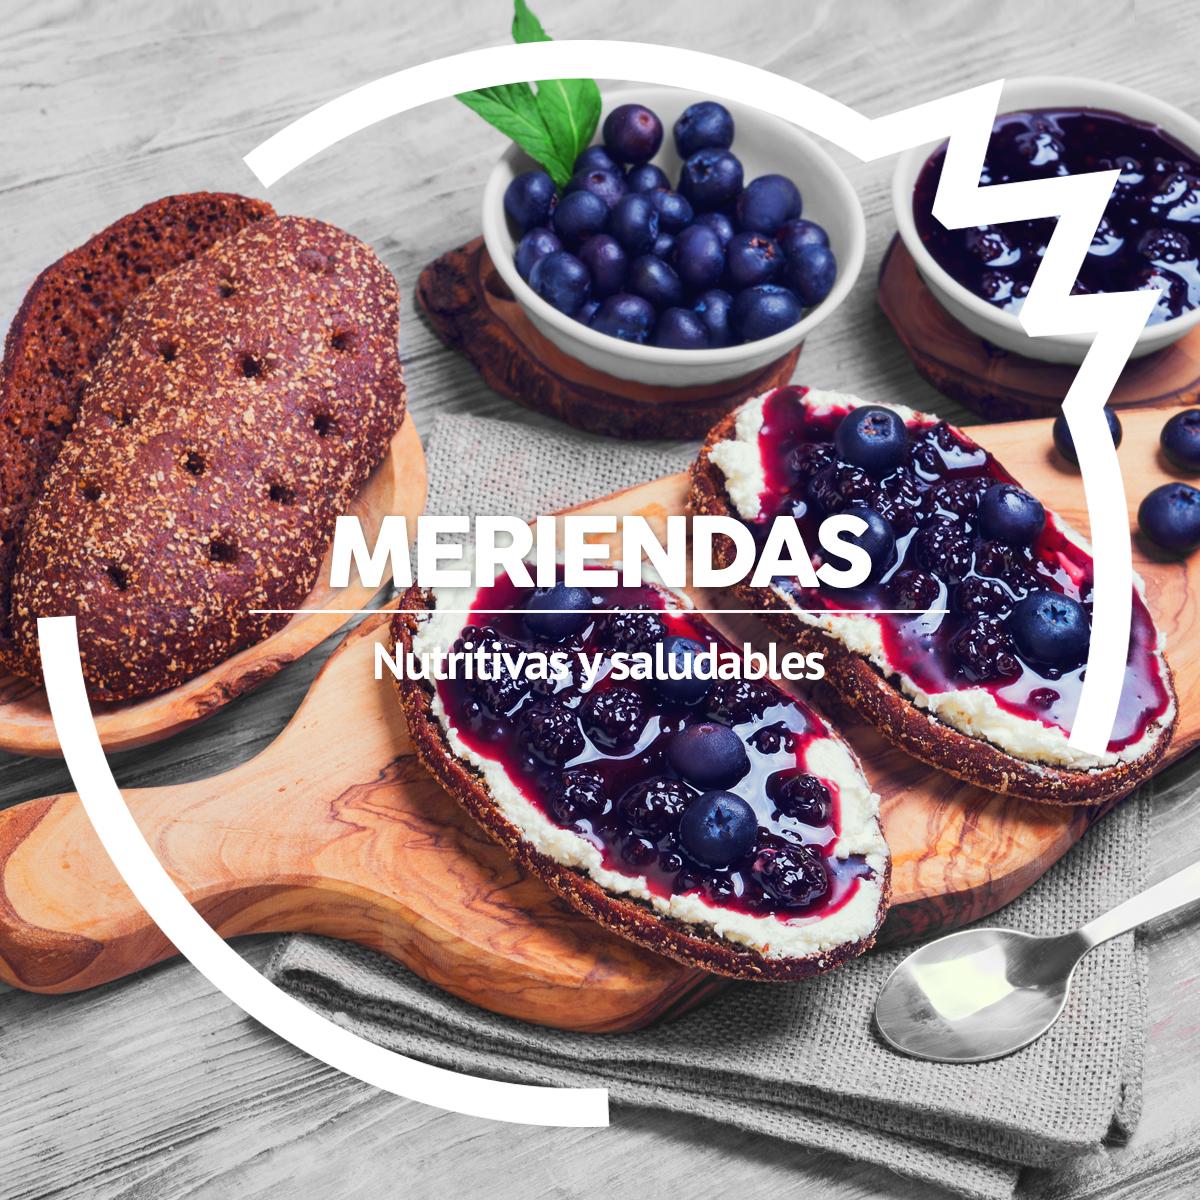 Meriendas